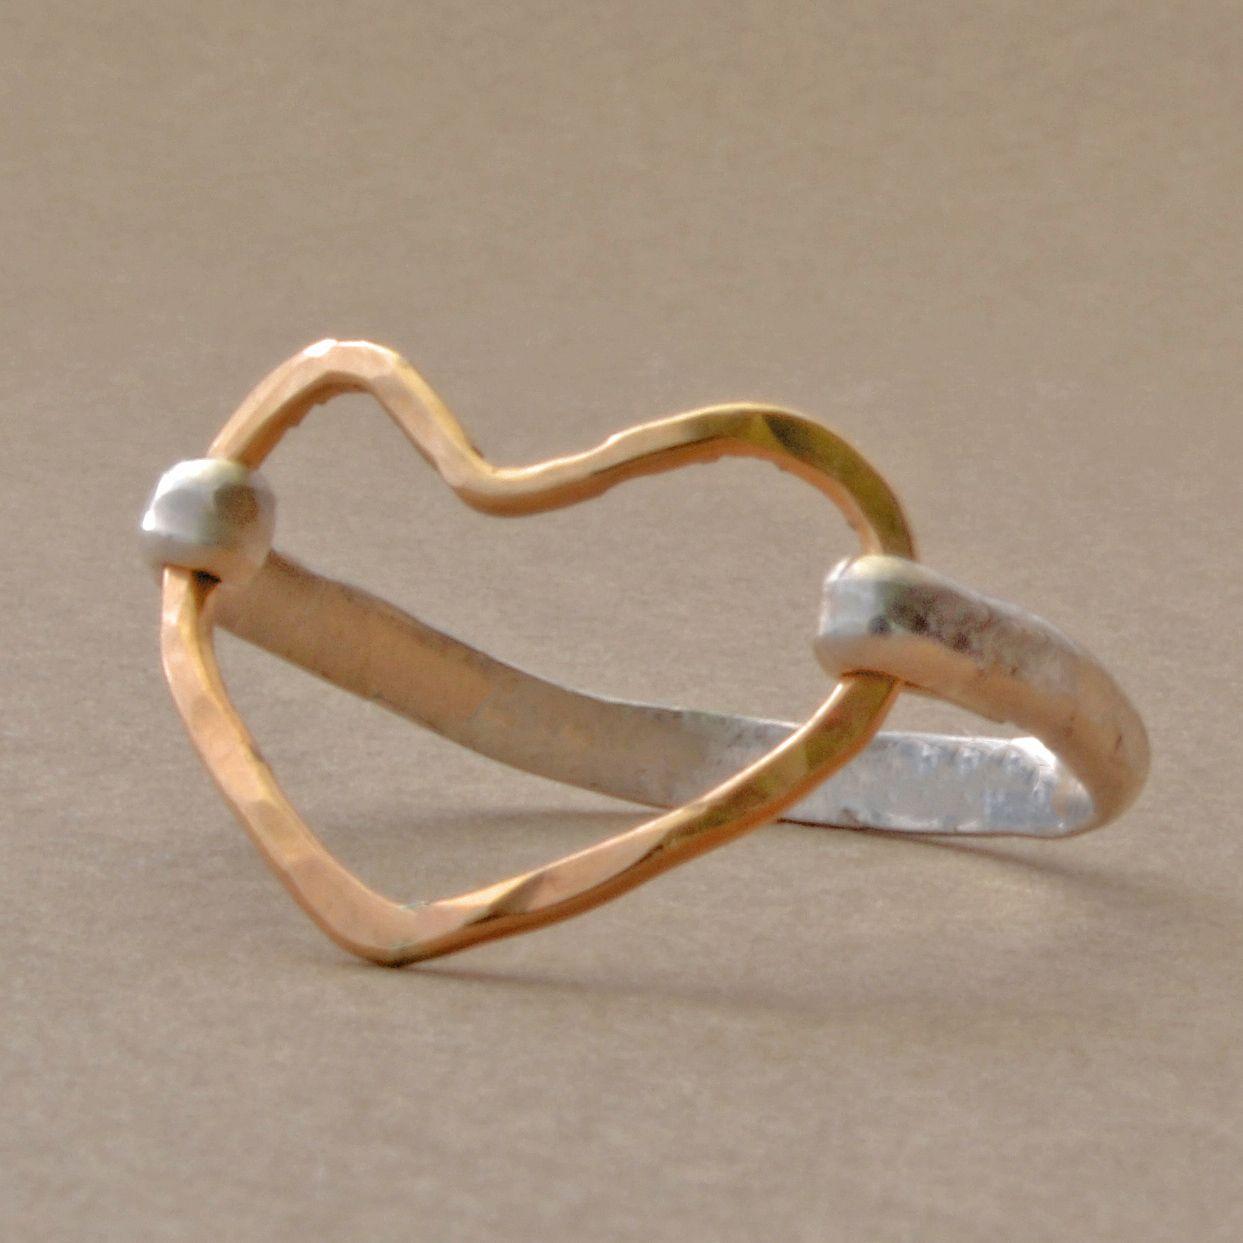 Open Heart Ring - Elizabeth Plumb Jewelry